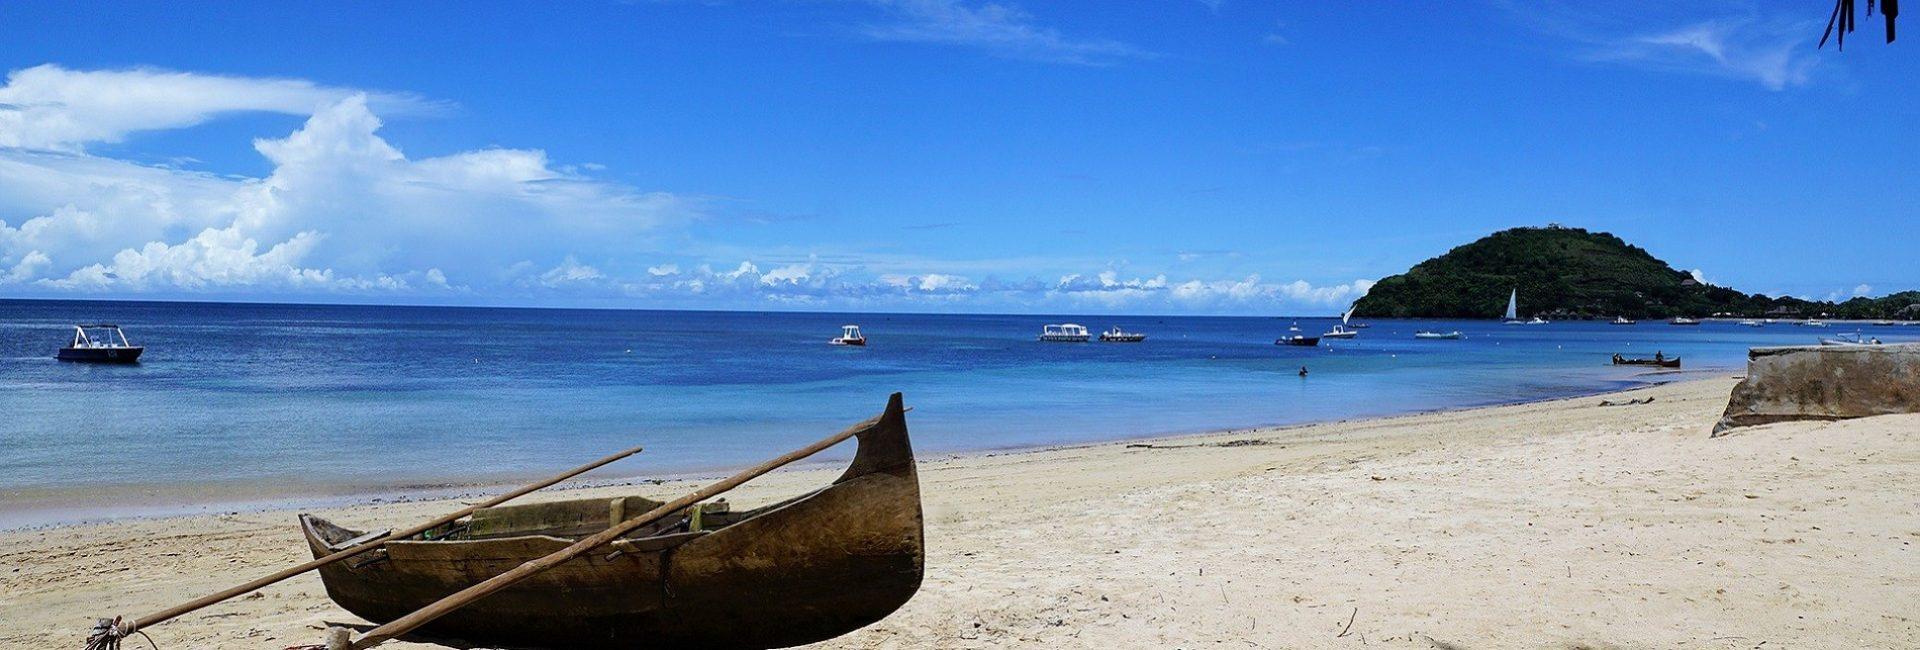 Pakirajte se i krećemo na putovanje na Madagaskar koje će te pamtiti cijeli život.